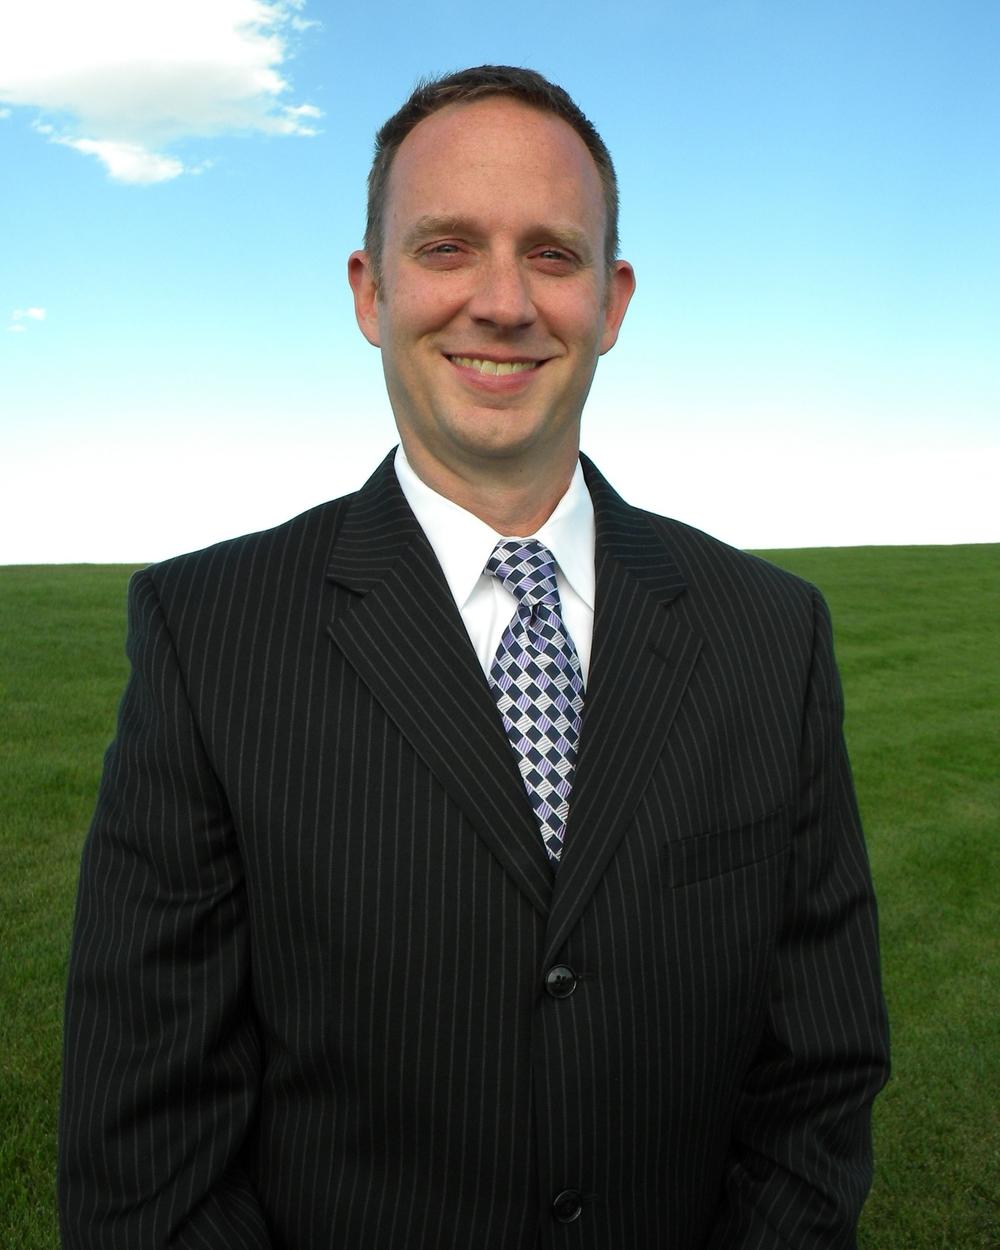 Michael R. Pippenger, Principal